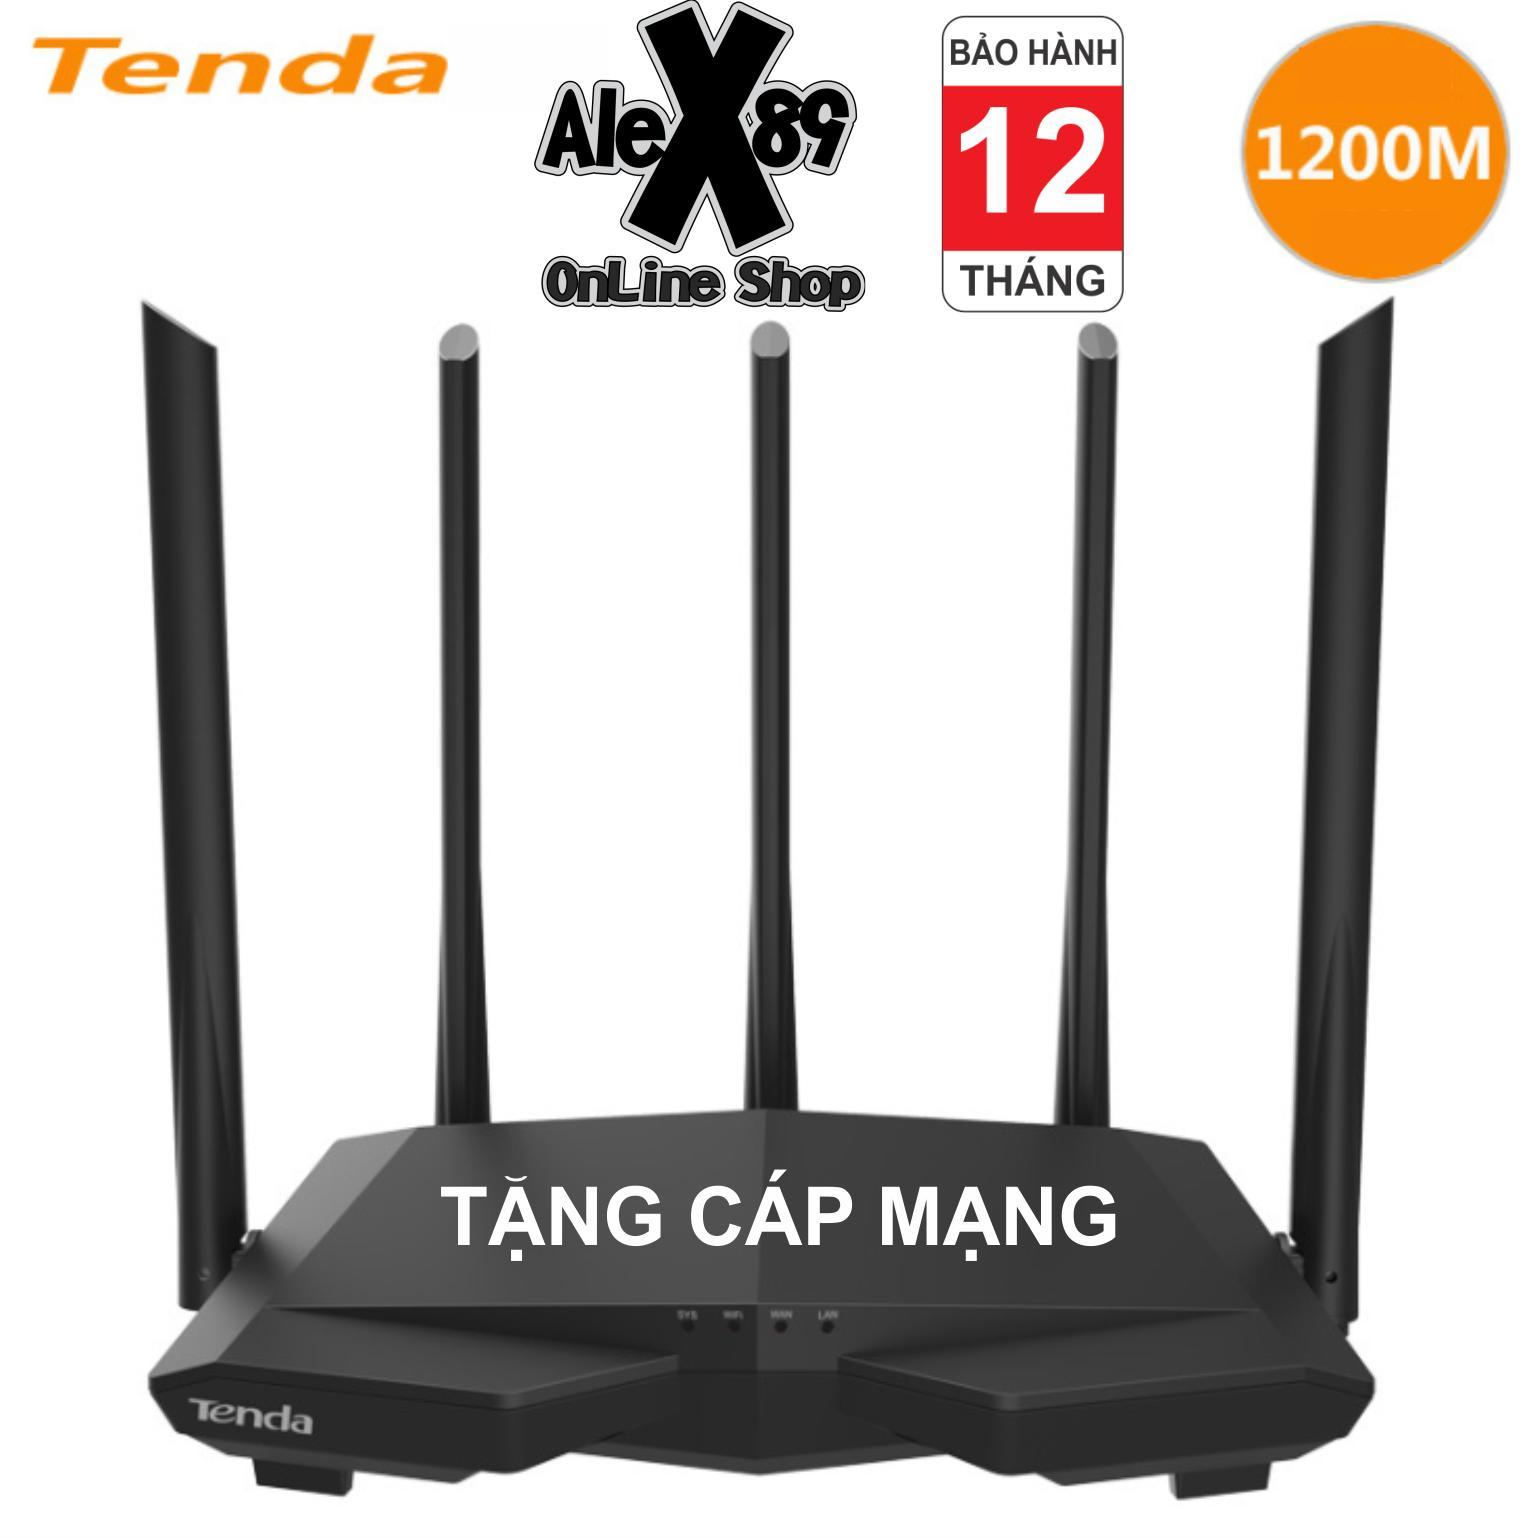 Coupon Ưu Đãi Bộ Phát Wifi Tenda AC7 1200M Băng Tần Kép - Tặng Cáp Mạng - BH 12T